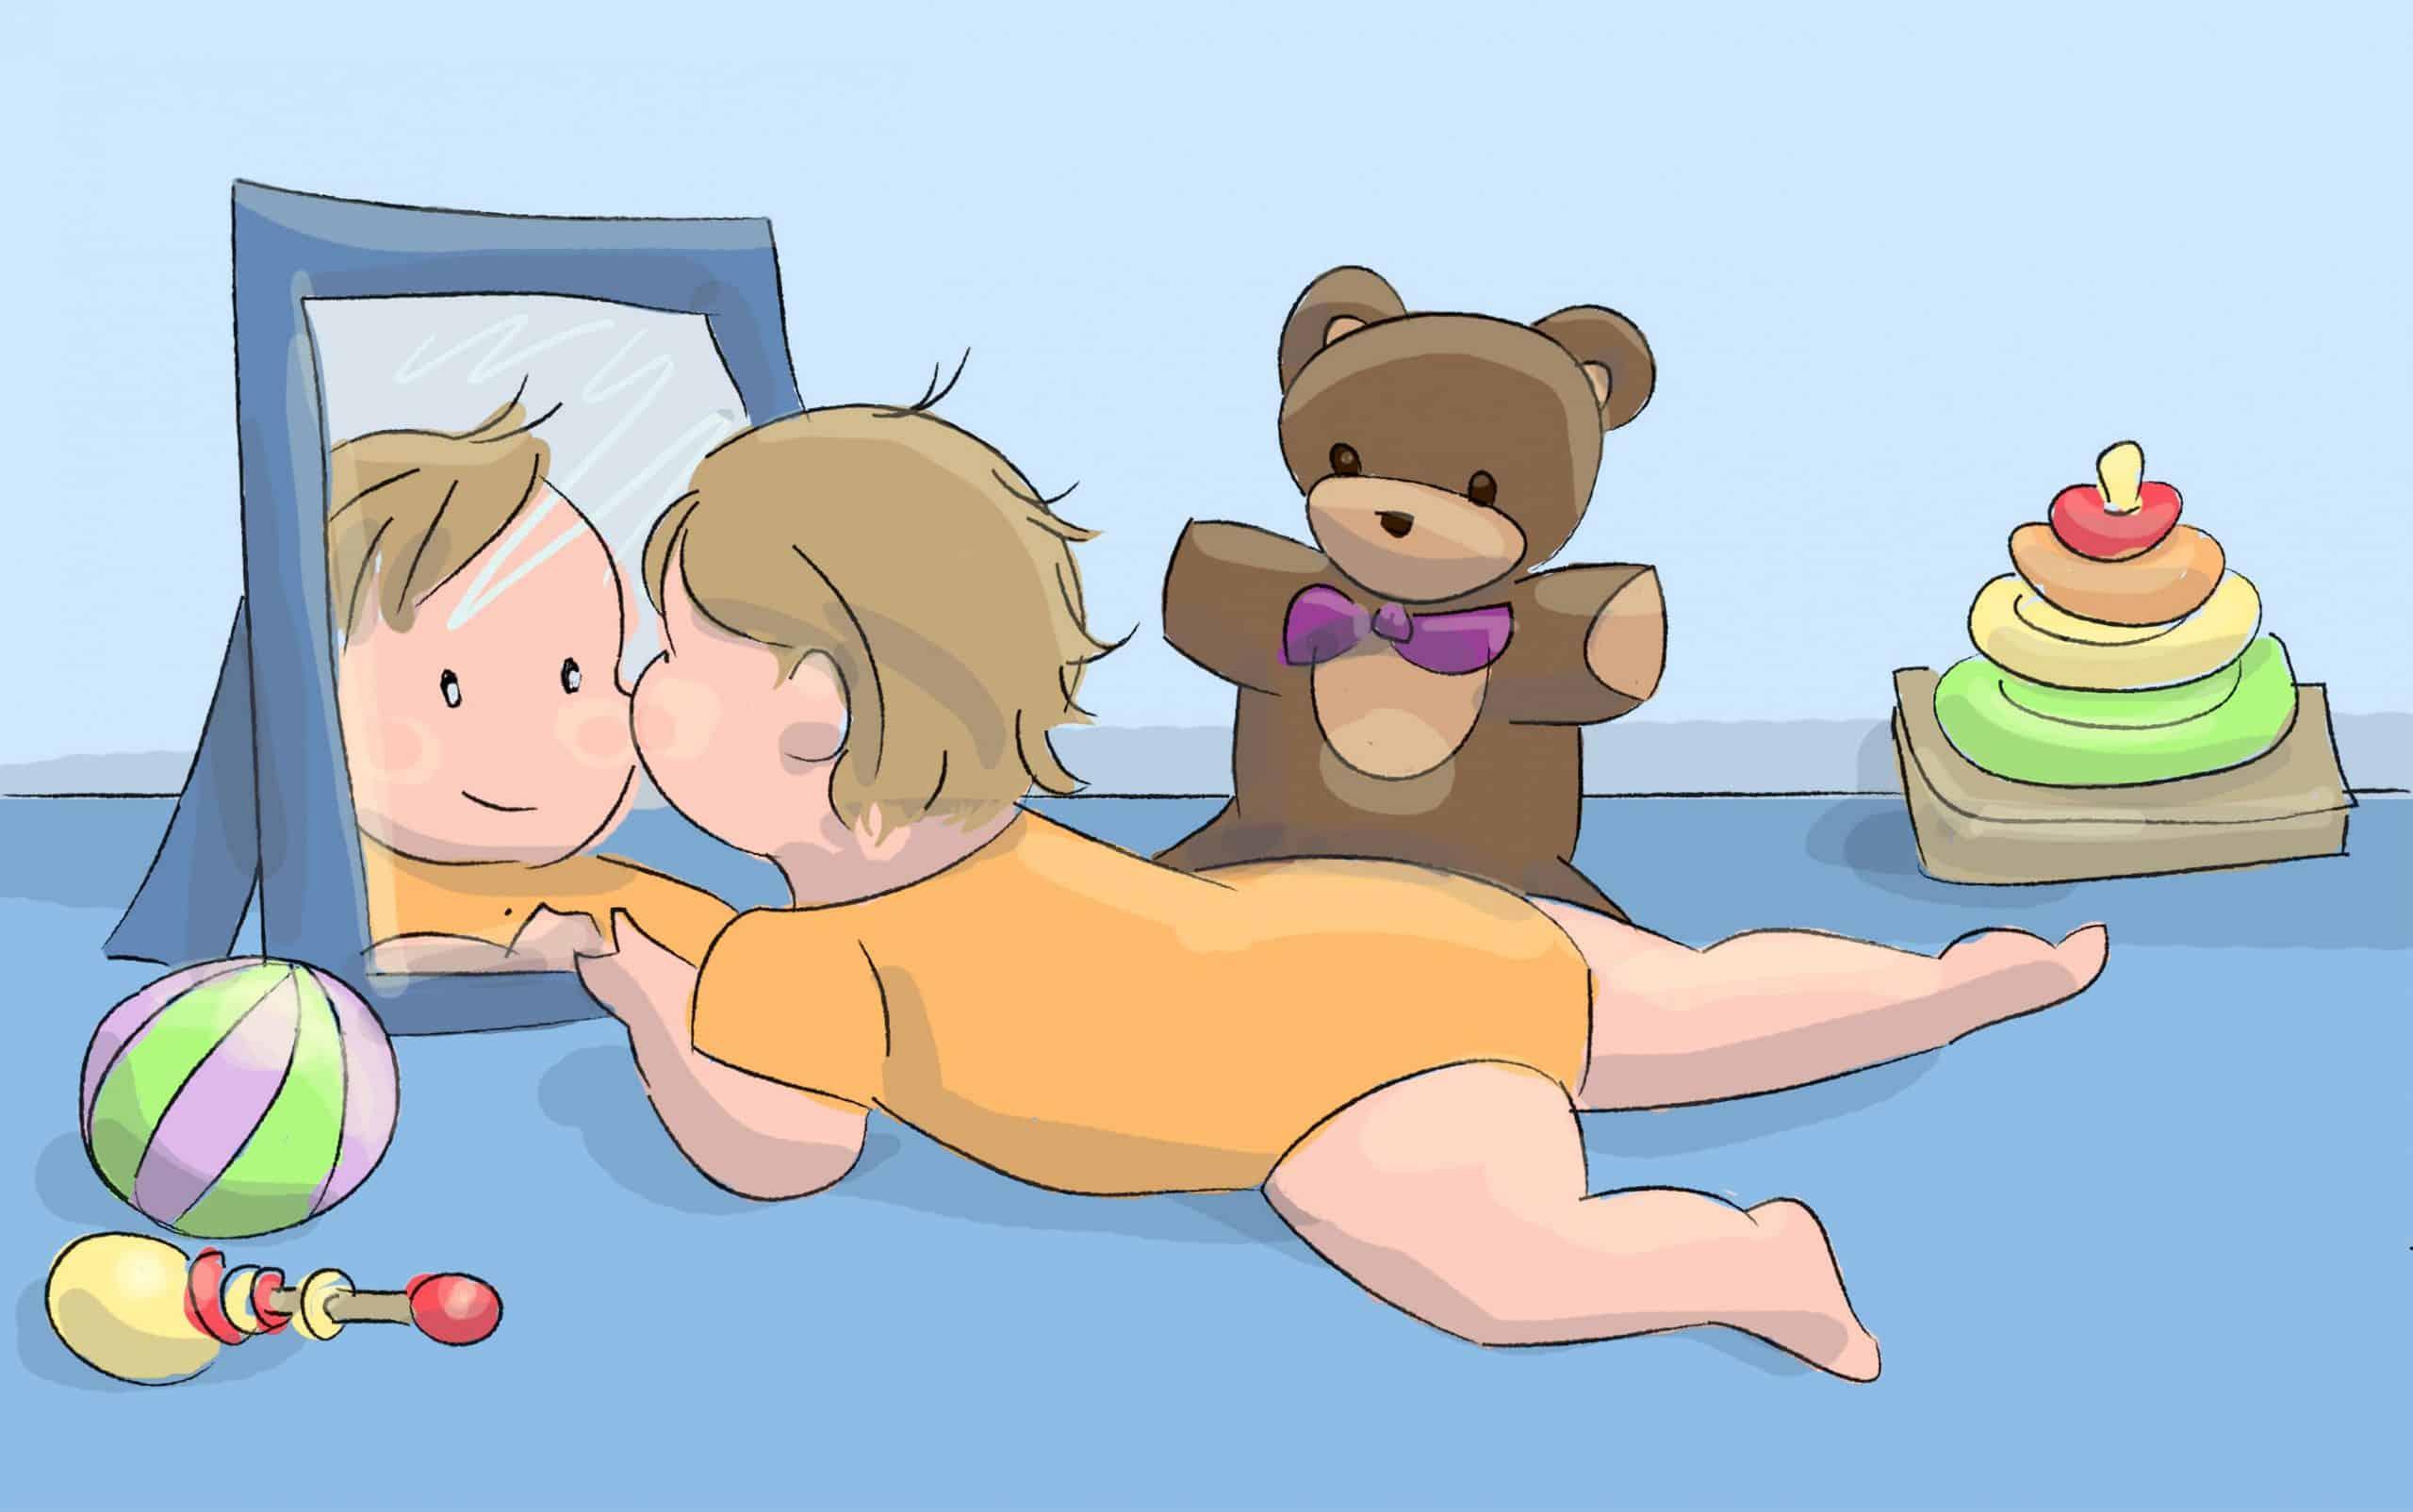 הניחו חפצים וצעצועים בטוחים בקרבת התינוק